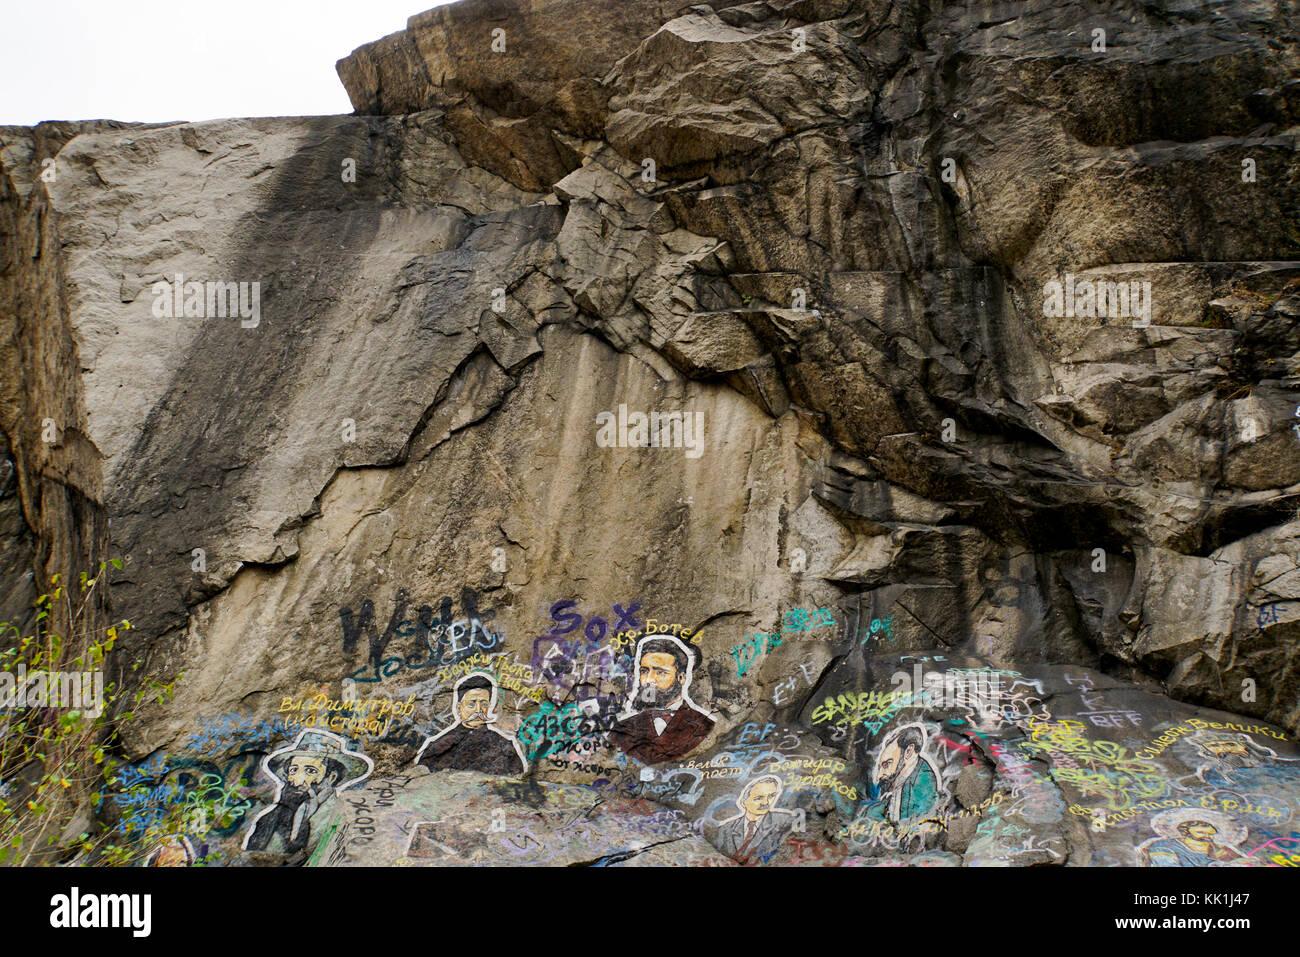 Graffiti pintado en una roca. Plovdiv, Bulgaria Imagen De Stock